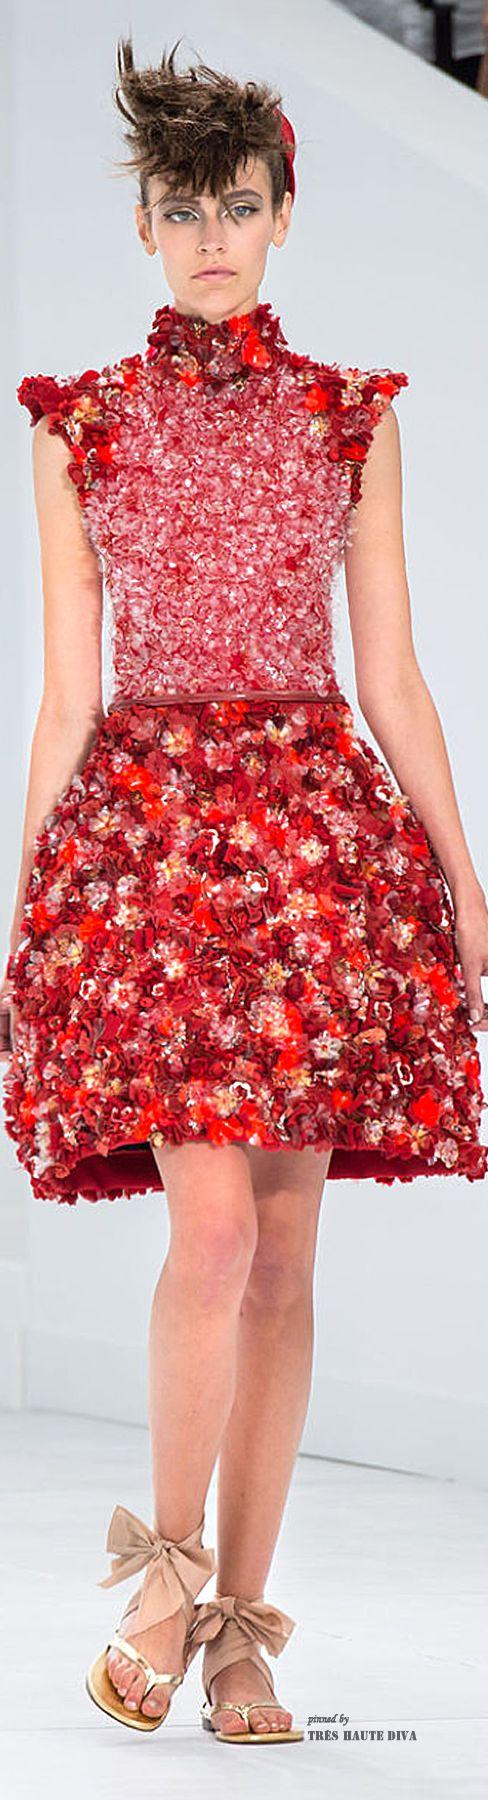 Increíble Vestidos De Fiesta De Chanel Fotos - Colección de Vestidos ...